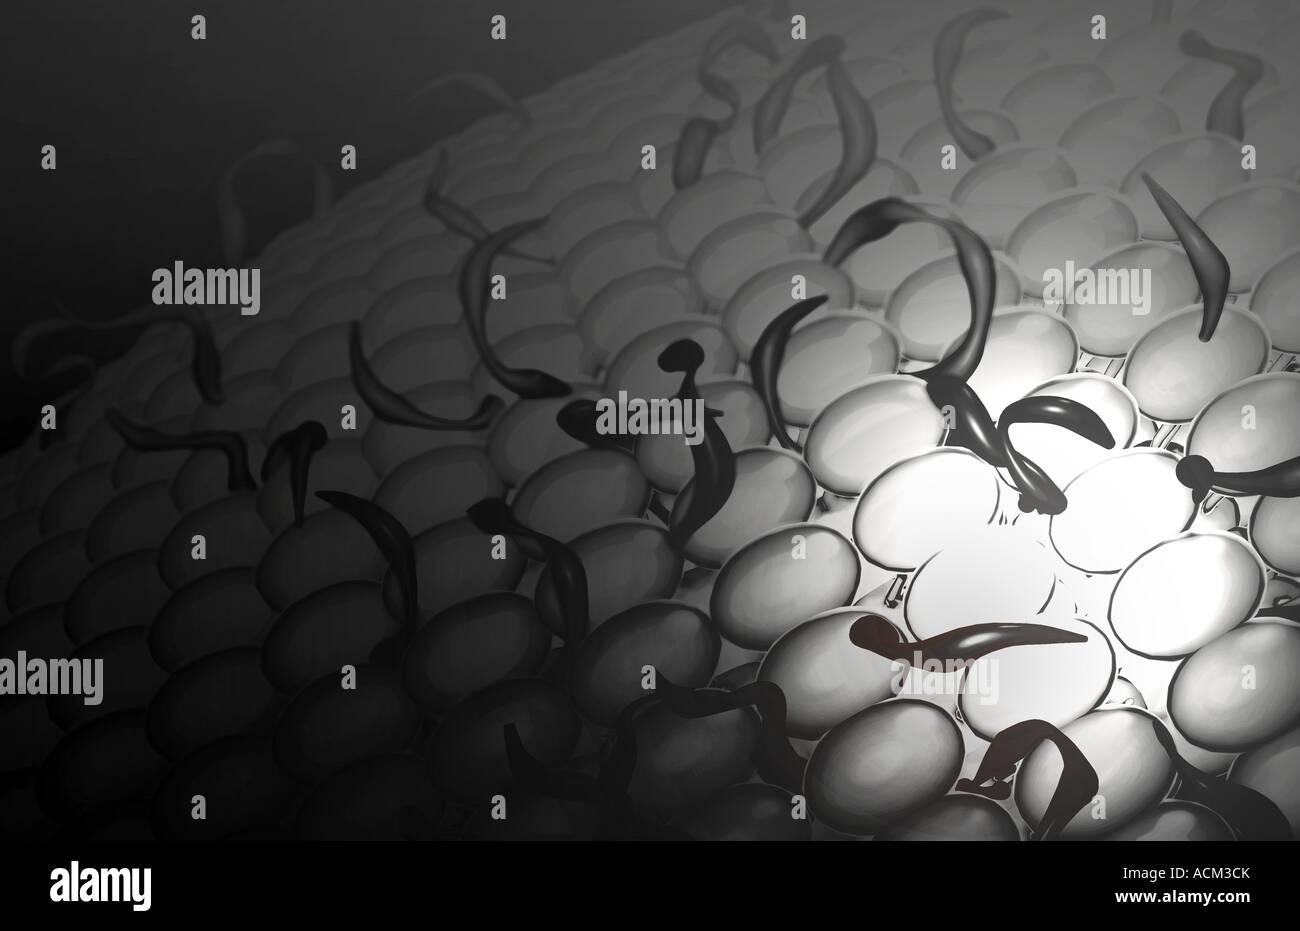 Membrana de la célula Foto & Imagen De Stock: 13184898 - Alamy